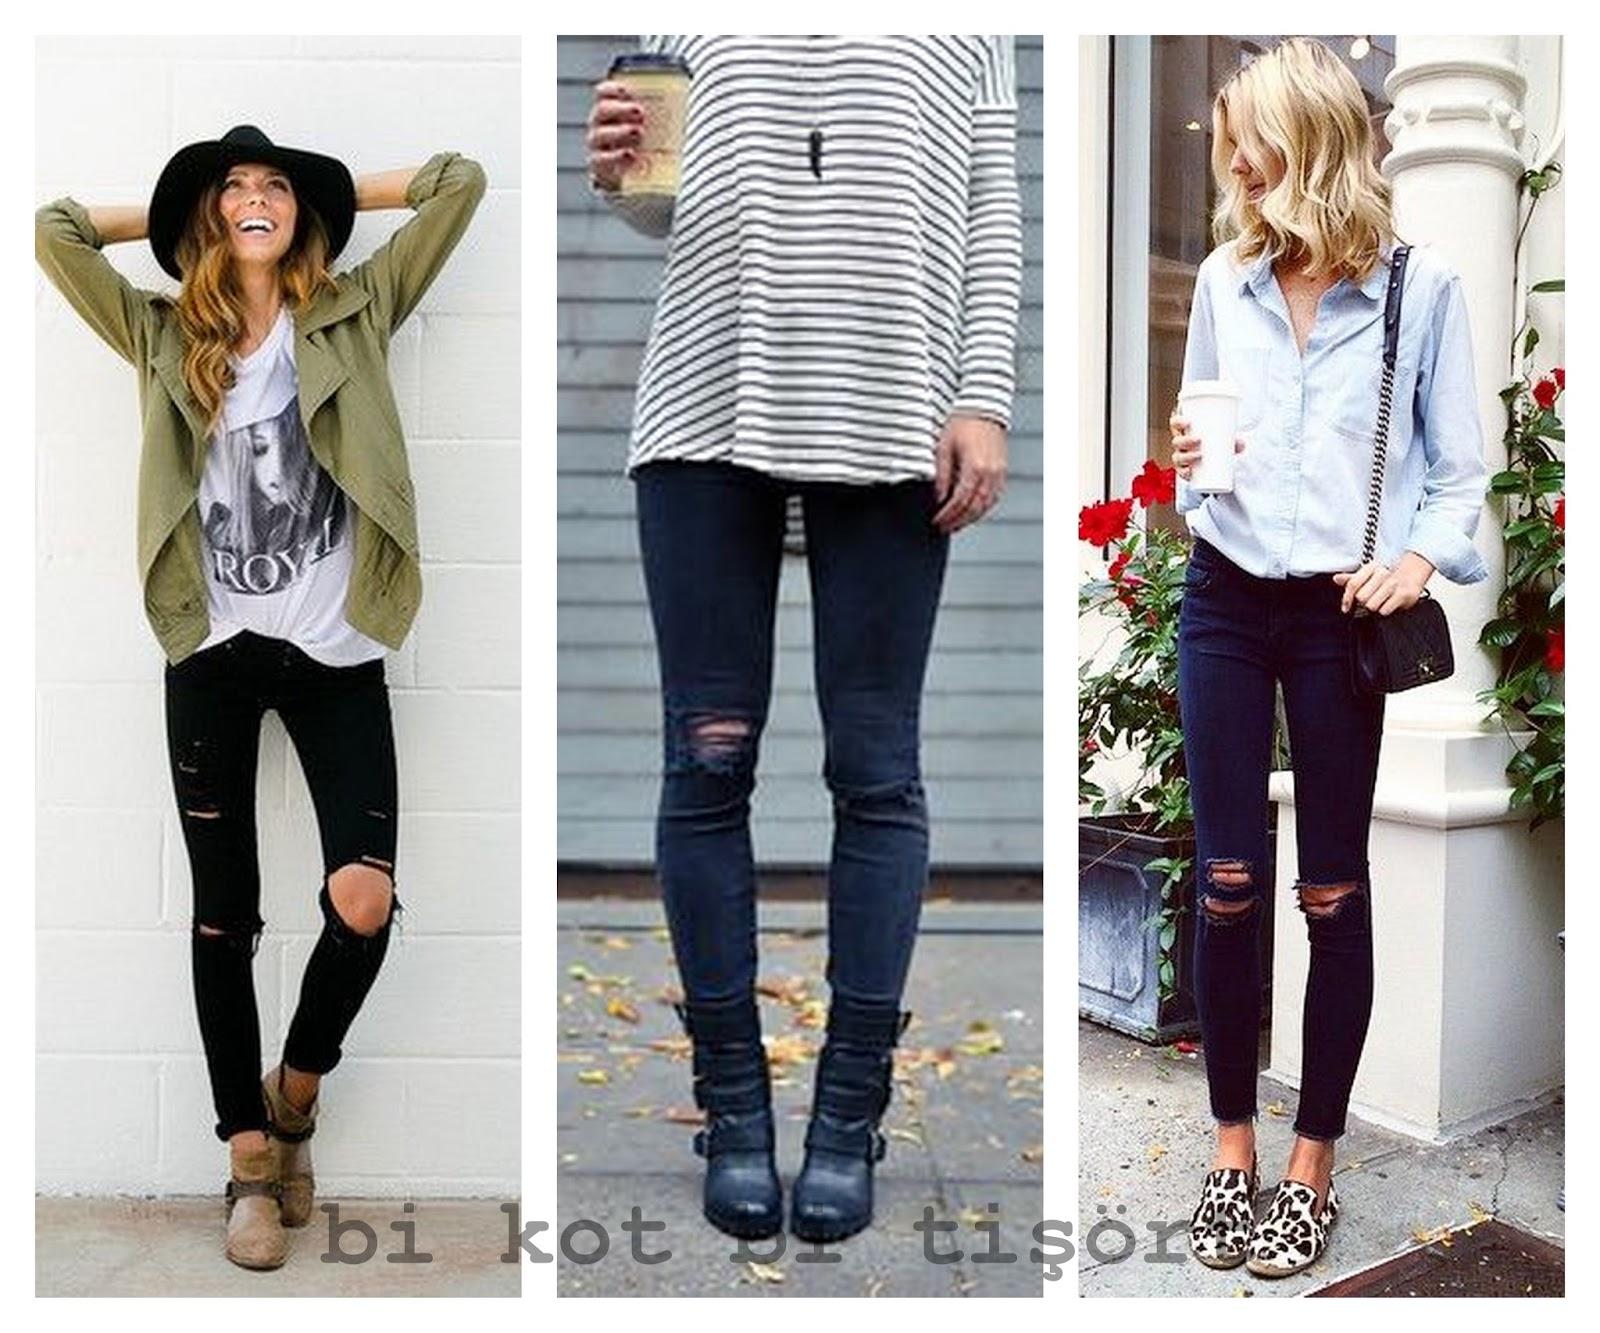 Bi Kot Bi Tişört 2015 Ilkbahar Yaz Trendleri Yırtık Jean